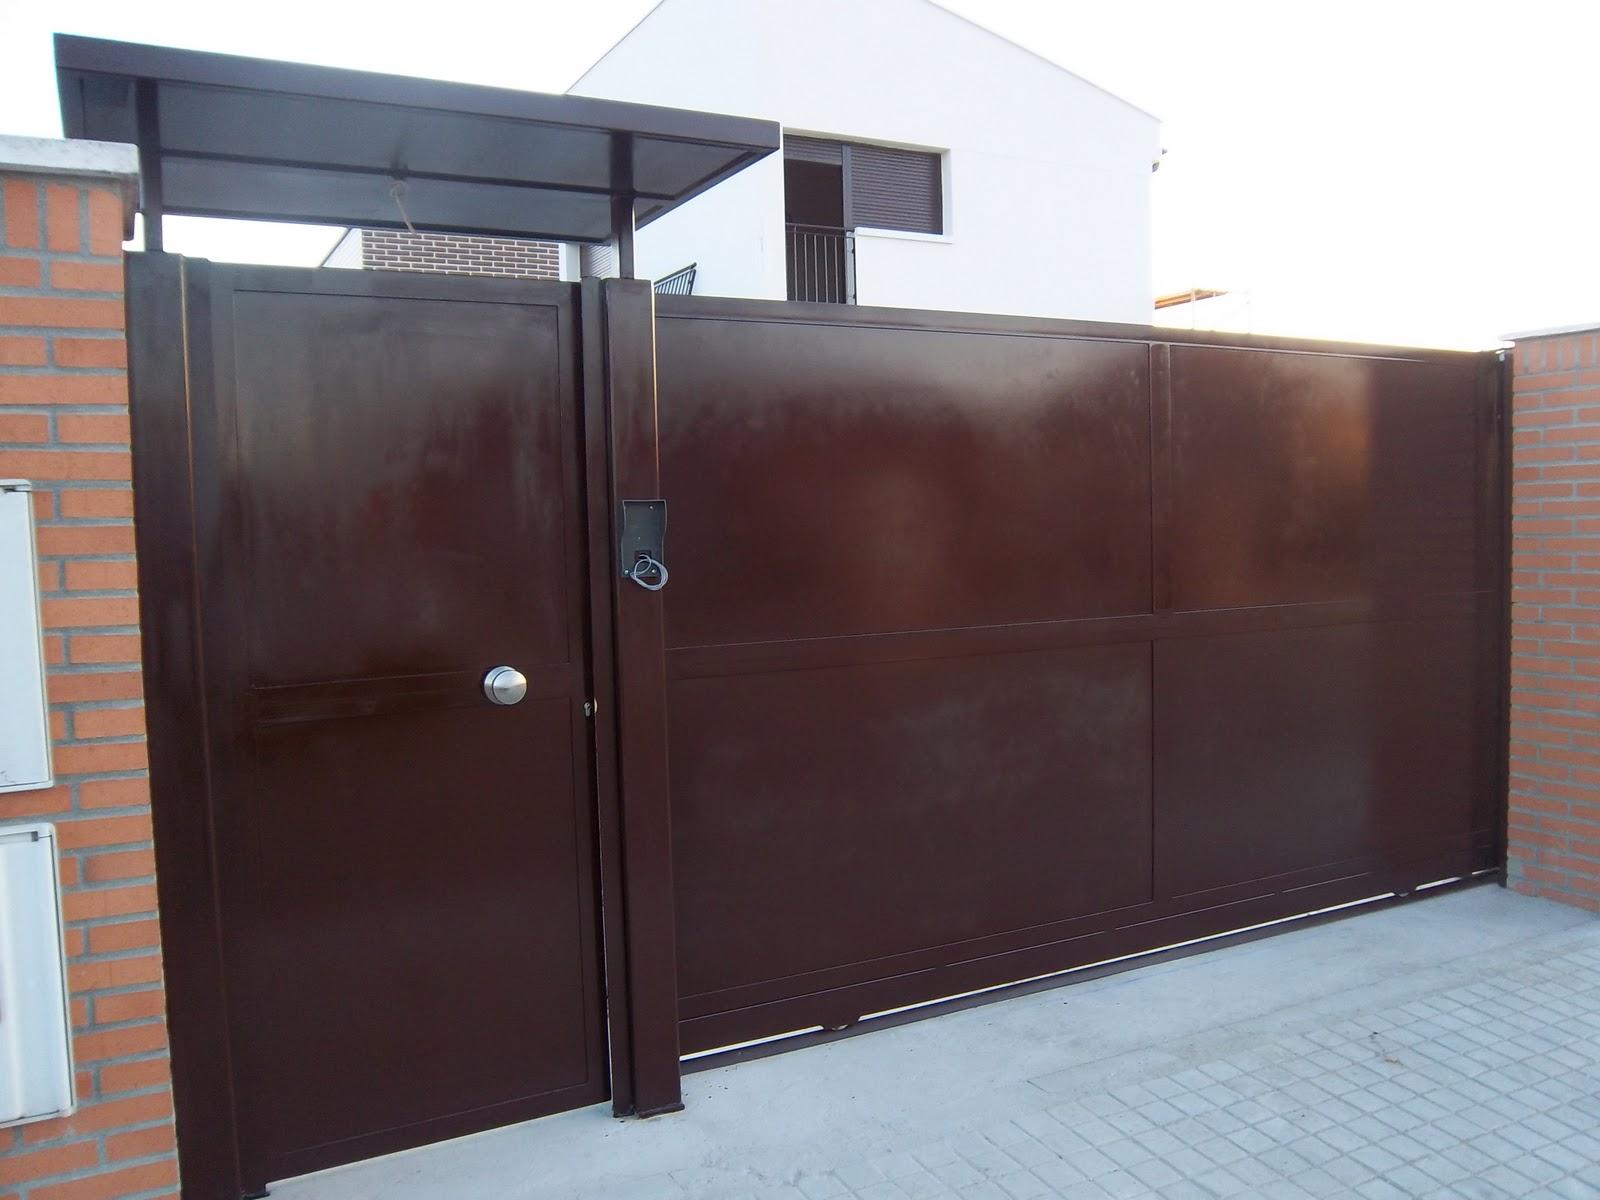 Norbel carpinteria met lica y acero inoxidable cancela corredera con motor y puerta peatonal - Tejadillo para puerta ...